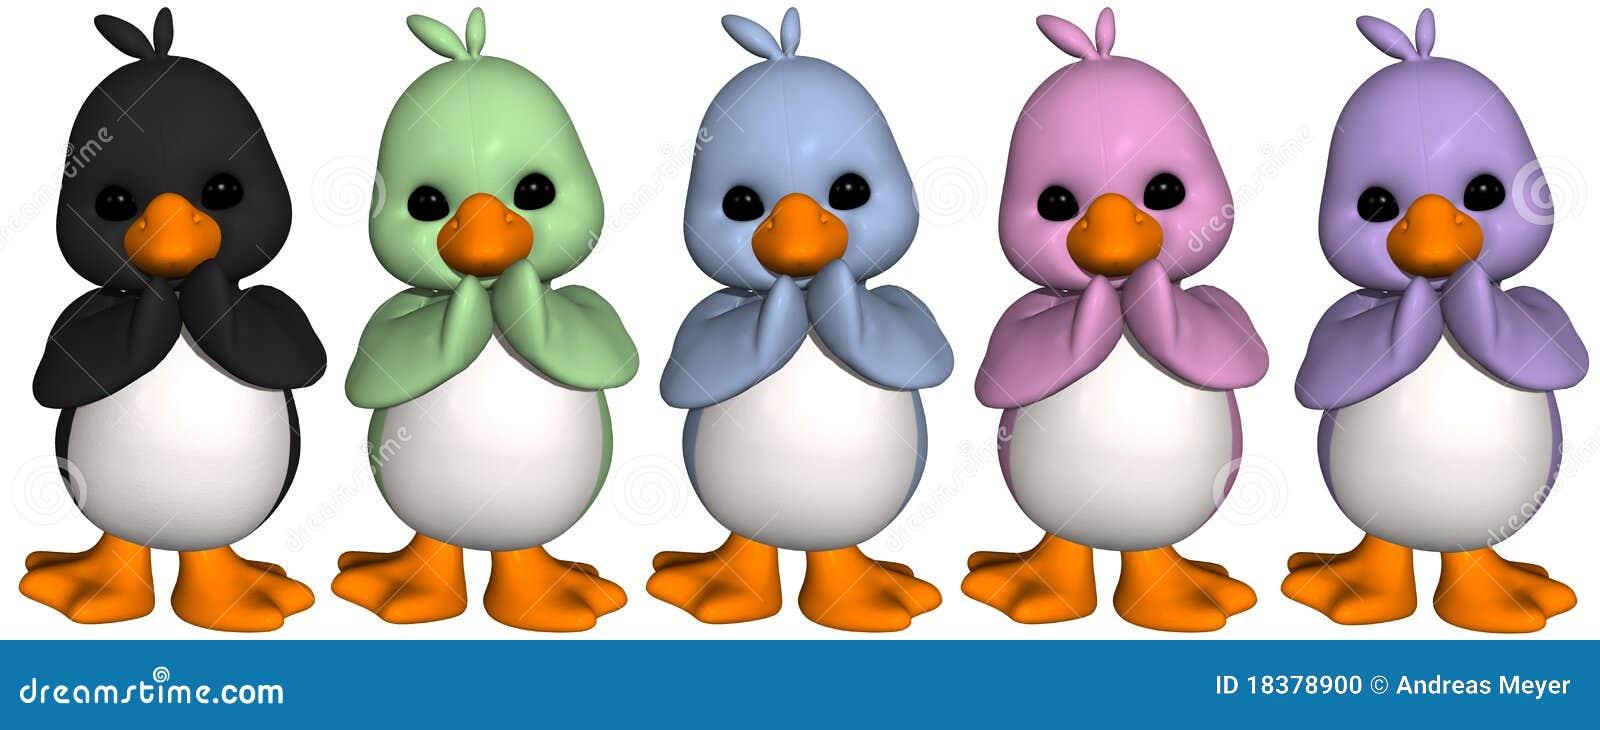 Toon-Pinguin